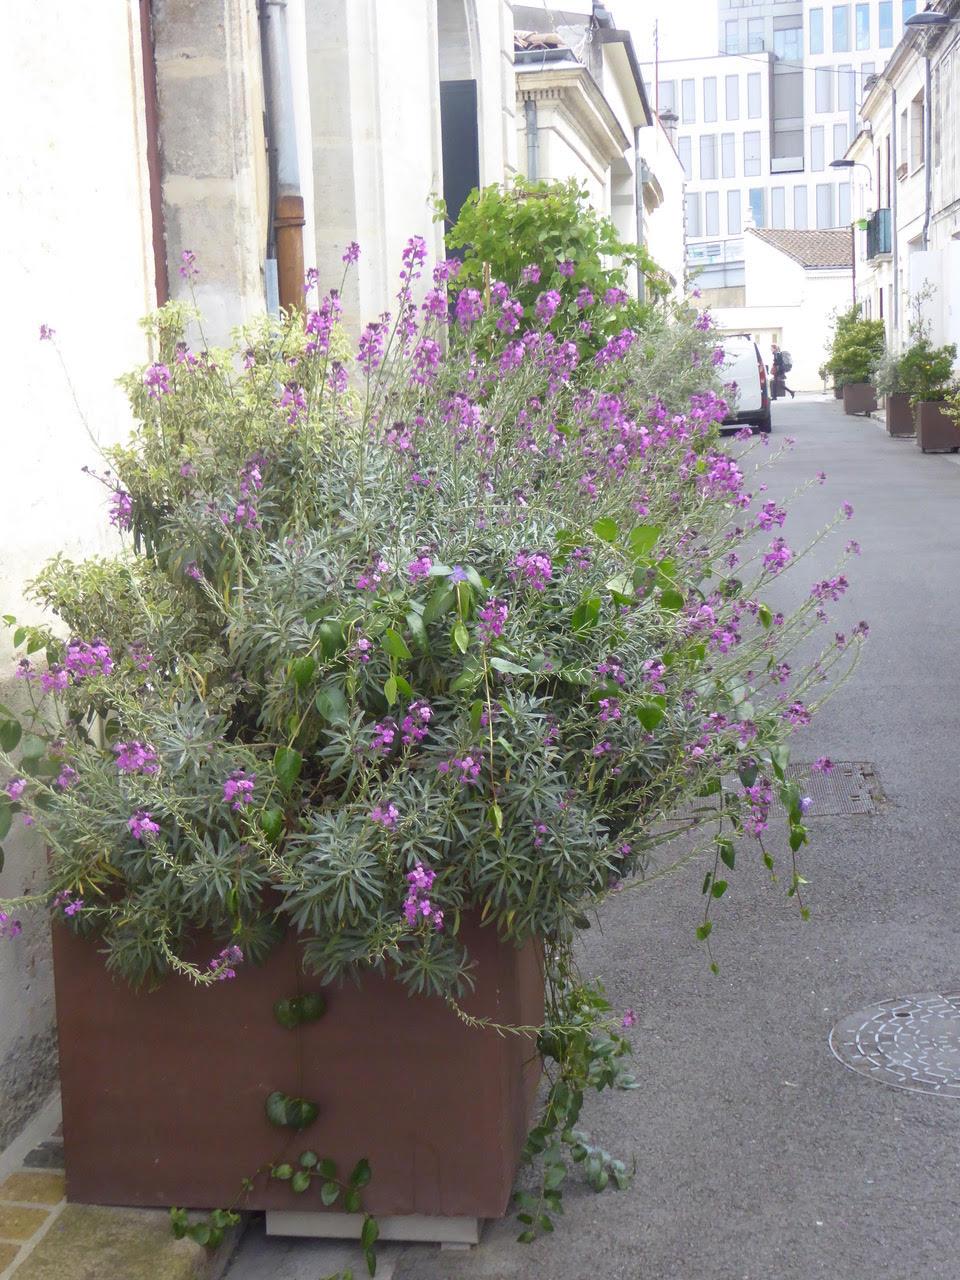 La rue Son-tay et ses tonneaux fleuris